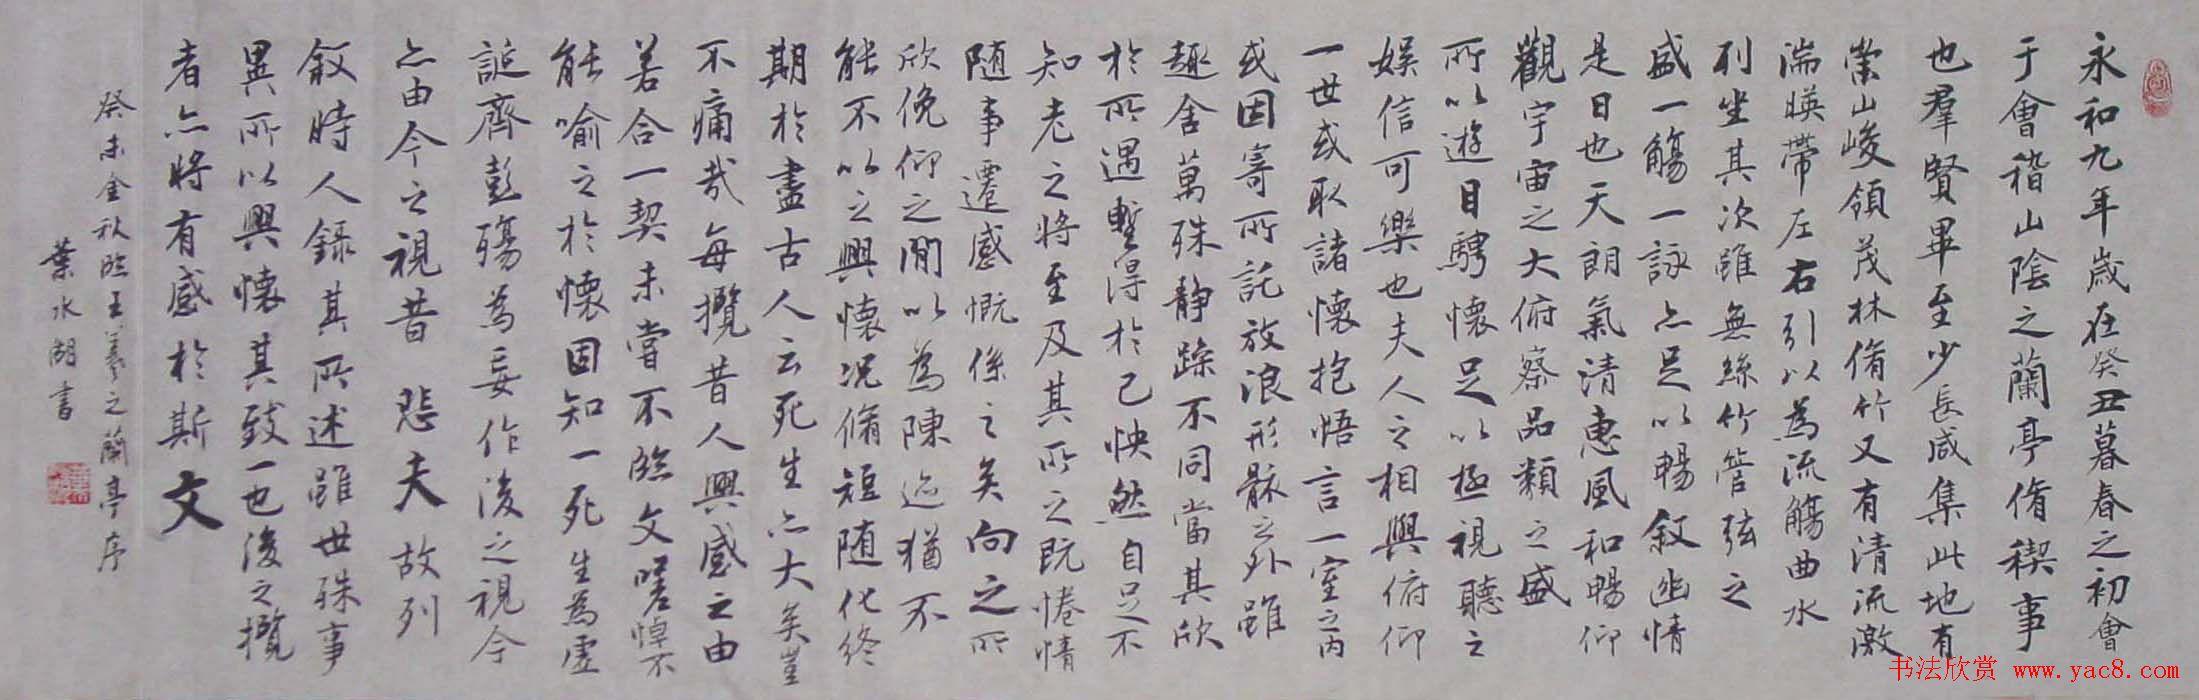 叶水湖行书作品《王羲之兰亭序》两幅_兰亭集序_书法图片